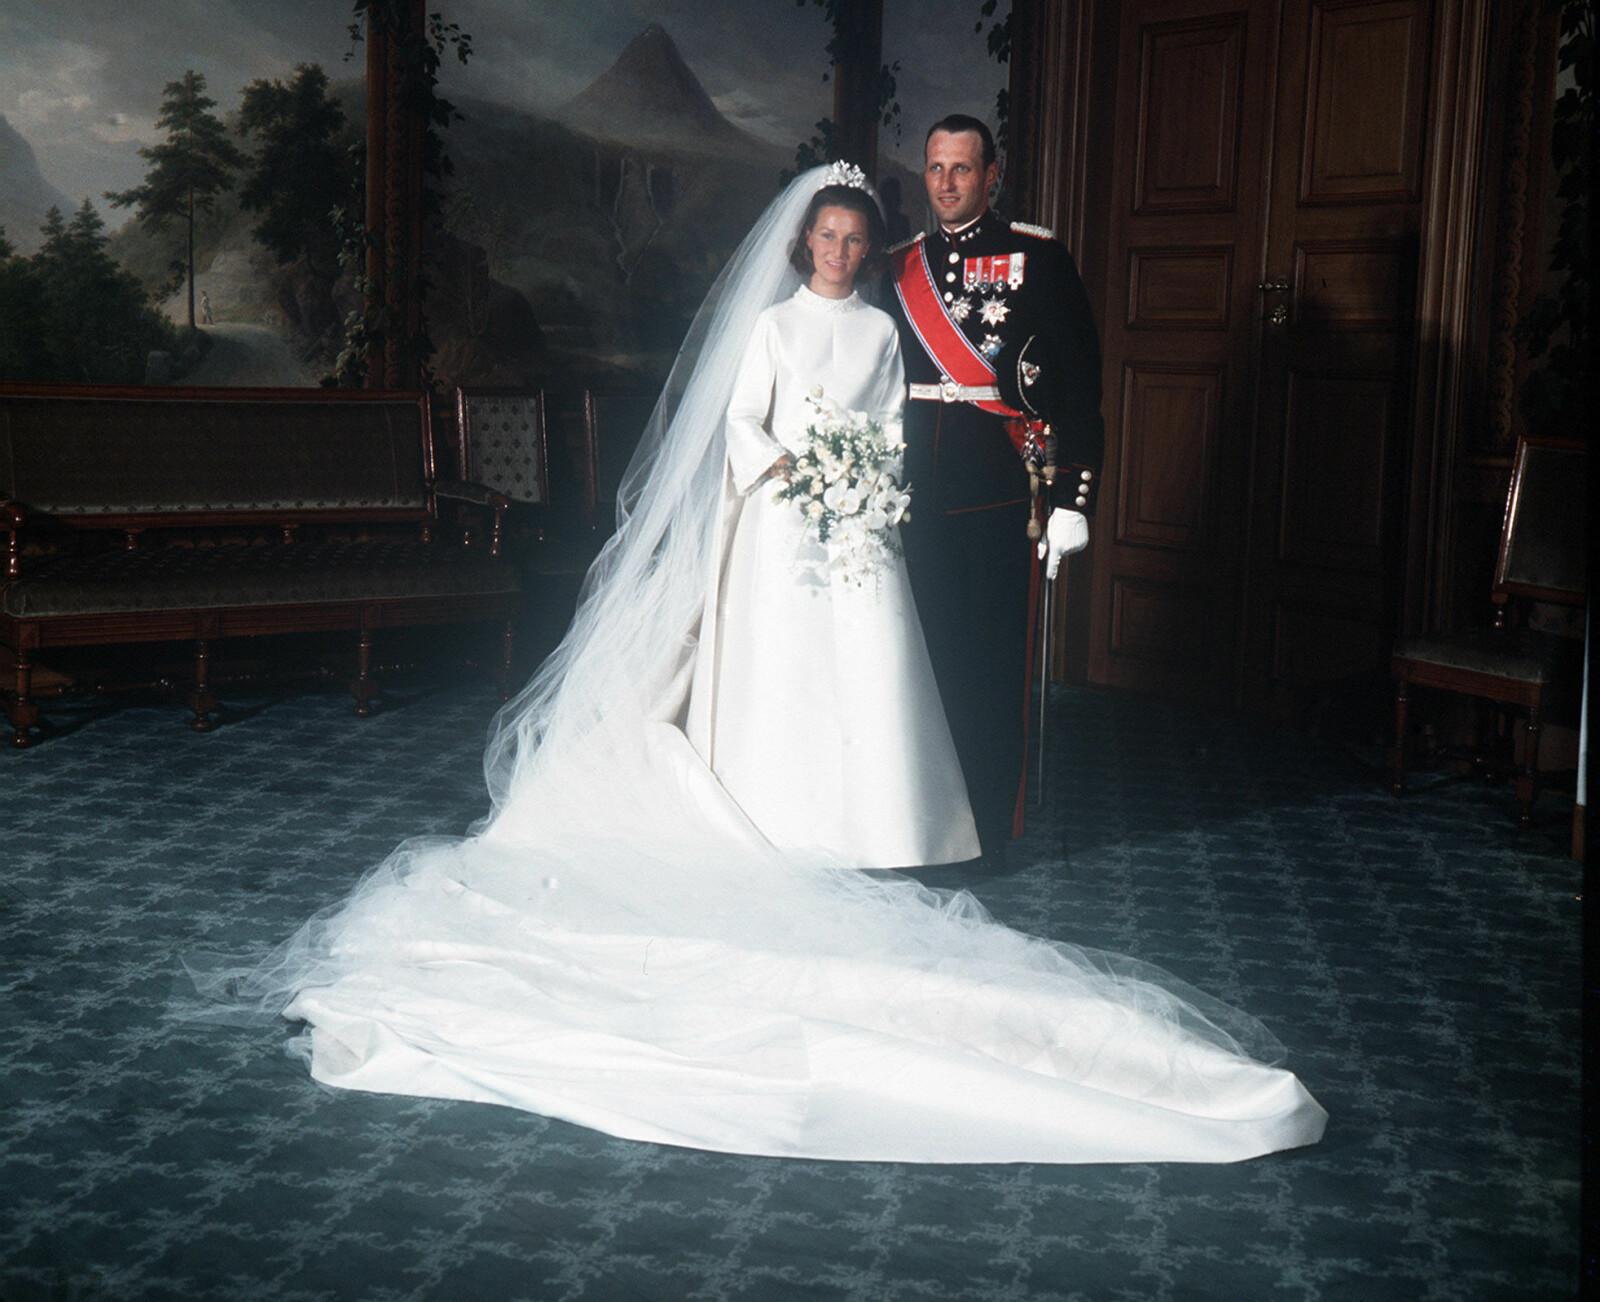 HISTORISK: Harald og Sonja ga hverandre sitt ja i august 1968, og Harald brøt dermed den kongelige tradisjonen da han giftet seg med en helt vanlig jente, og ikke en  kongelig. Her under den offisielle fotograferingen i fugleværelse på Slottet.